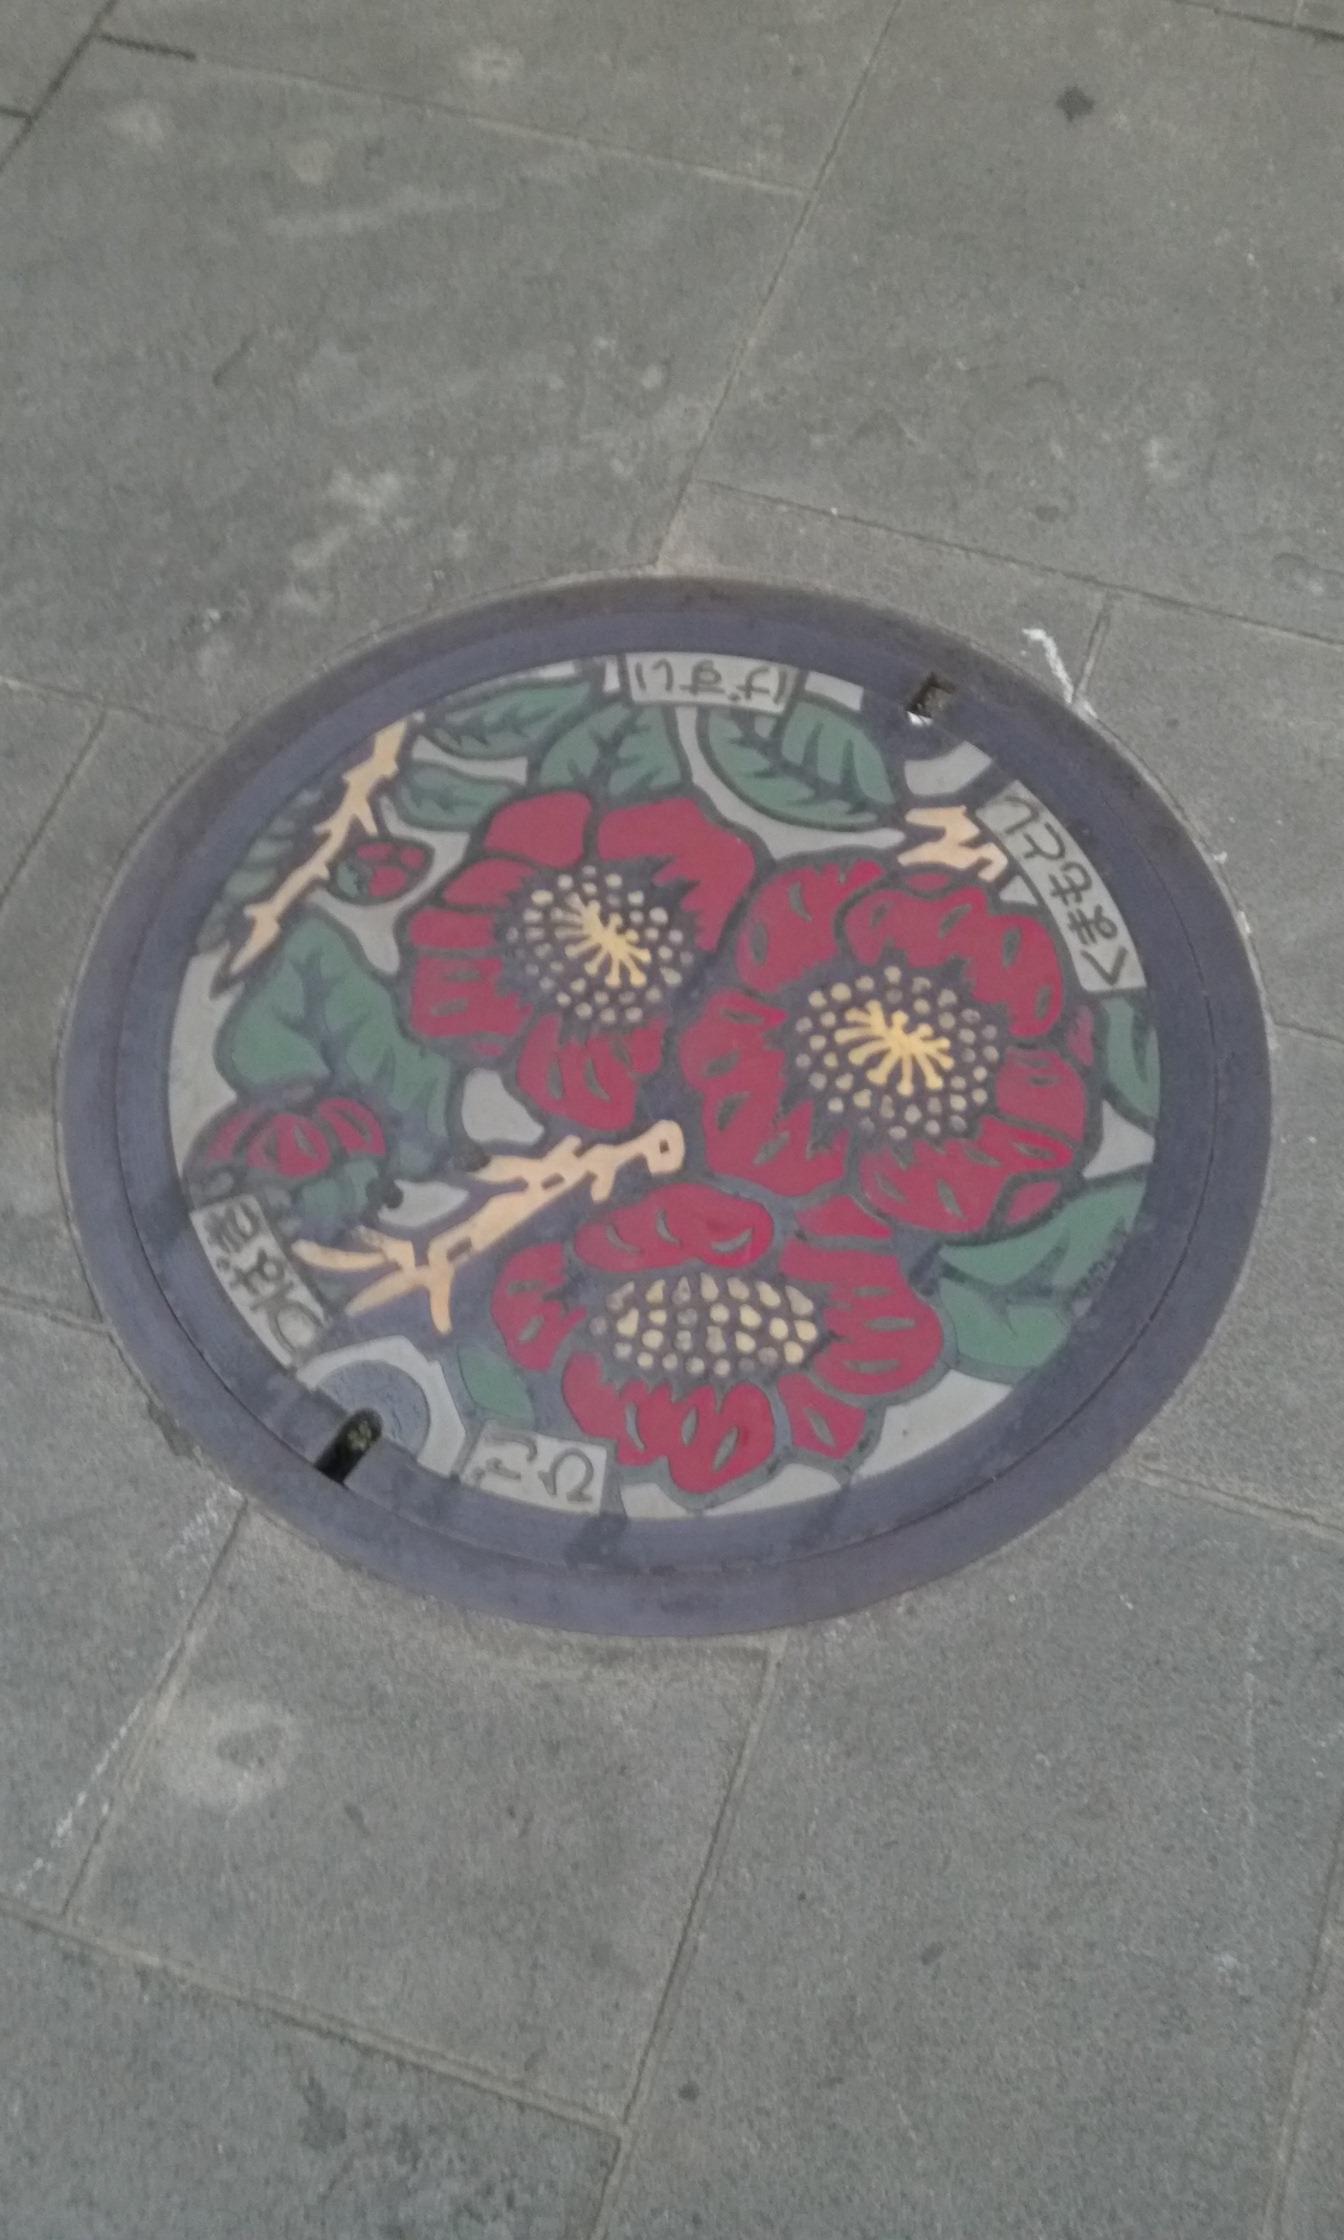 140309-140312 Nagasaki, Kumamoto, Uresino (2)